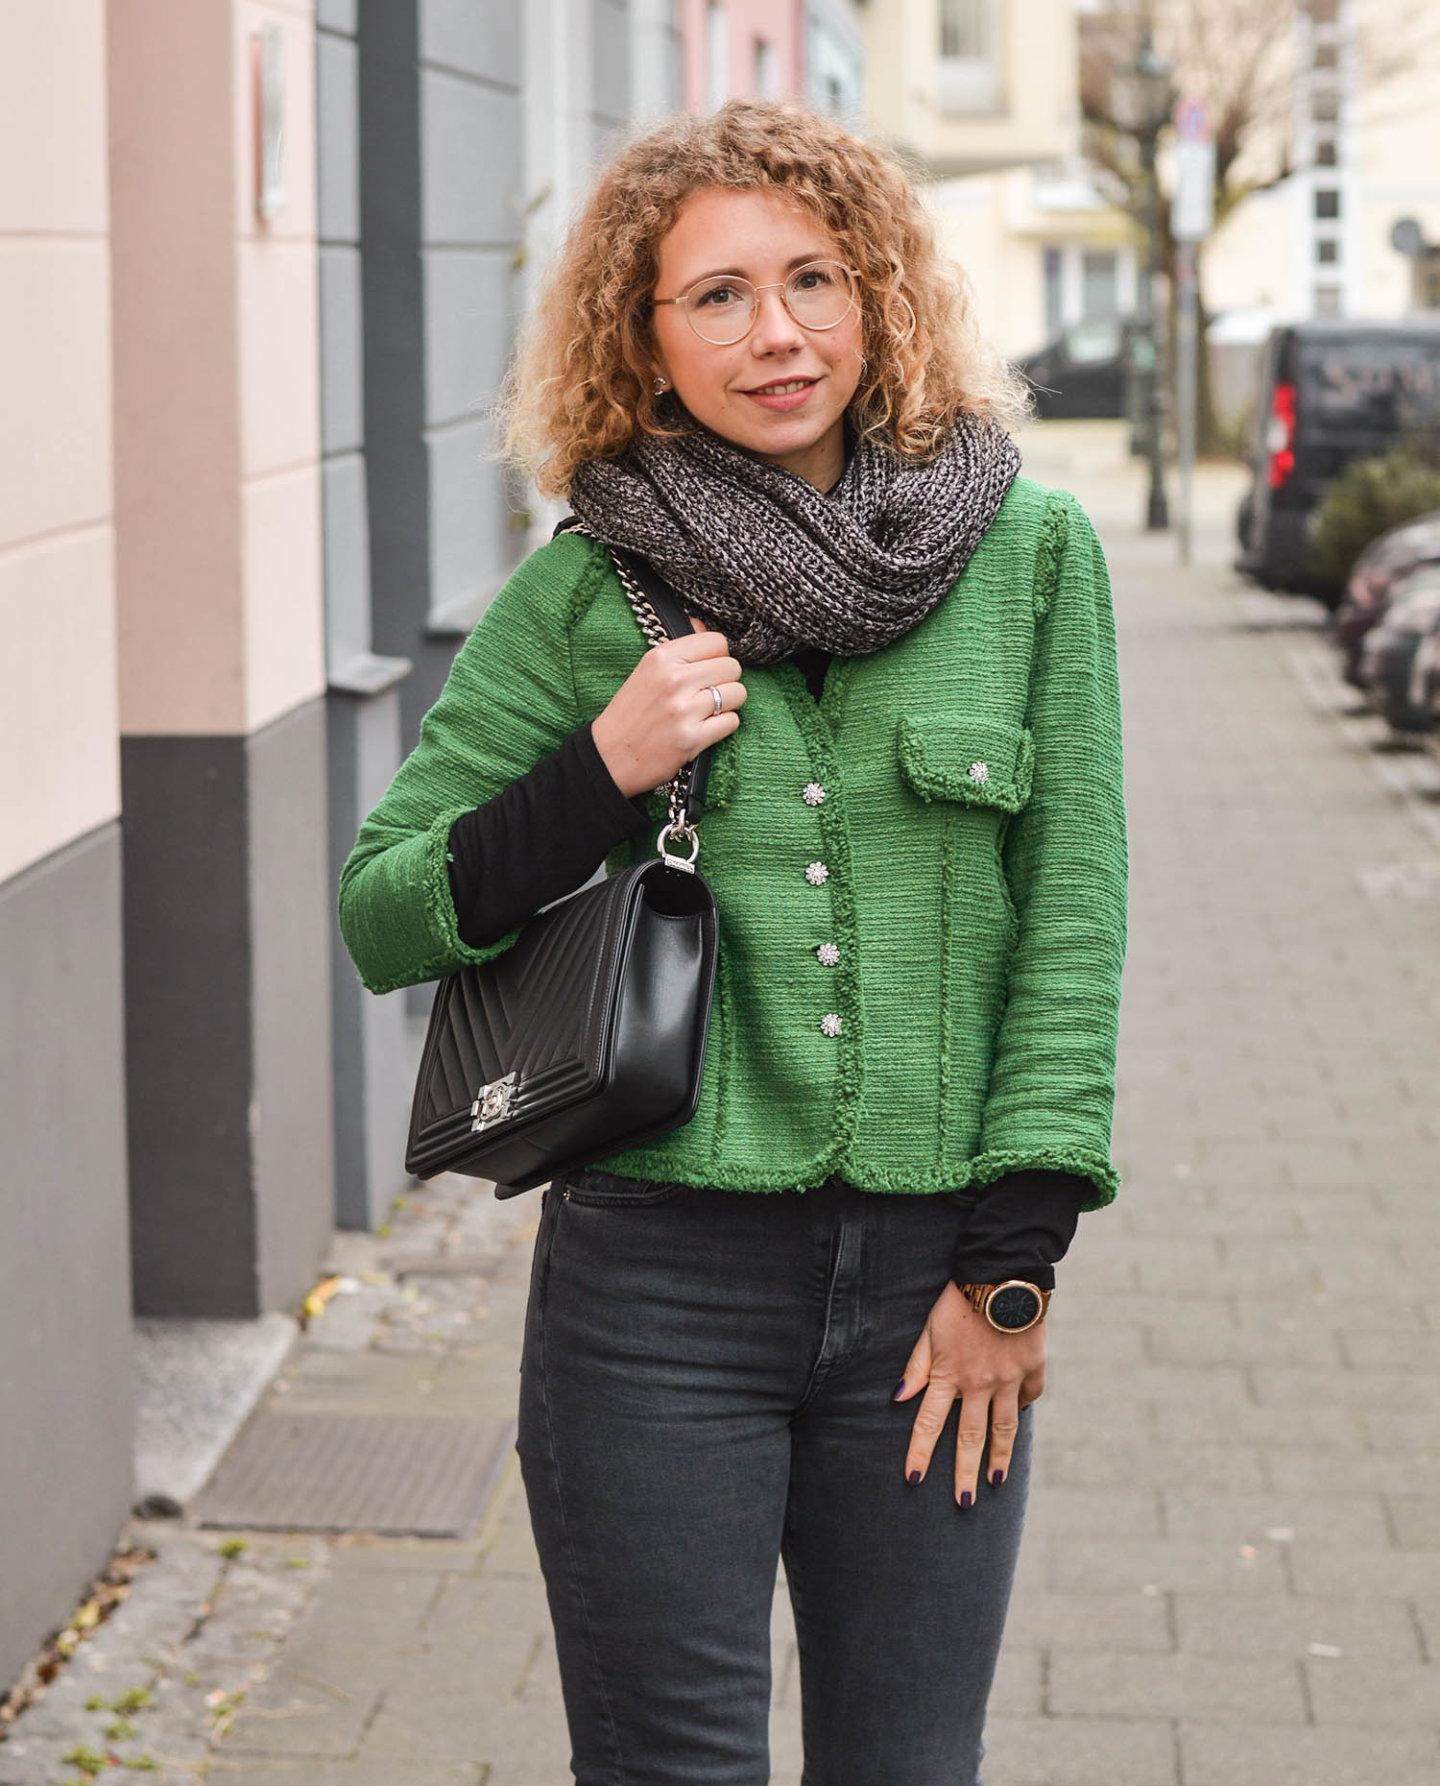 tweed blazer mit Chanel taste und jeans